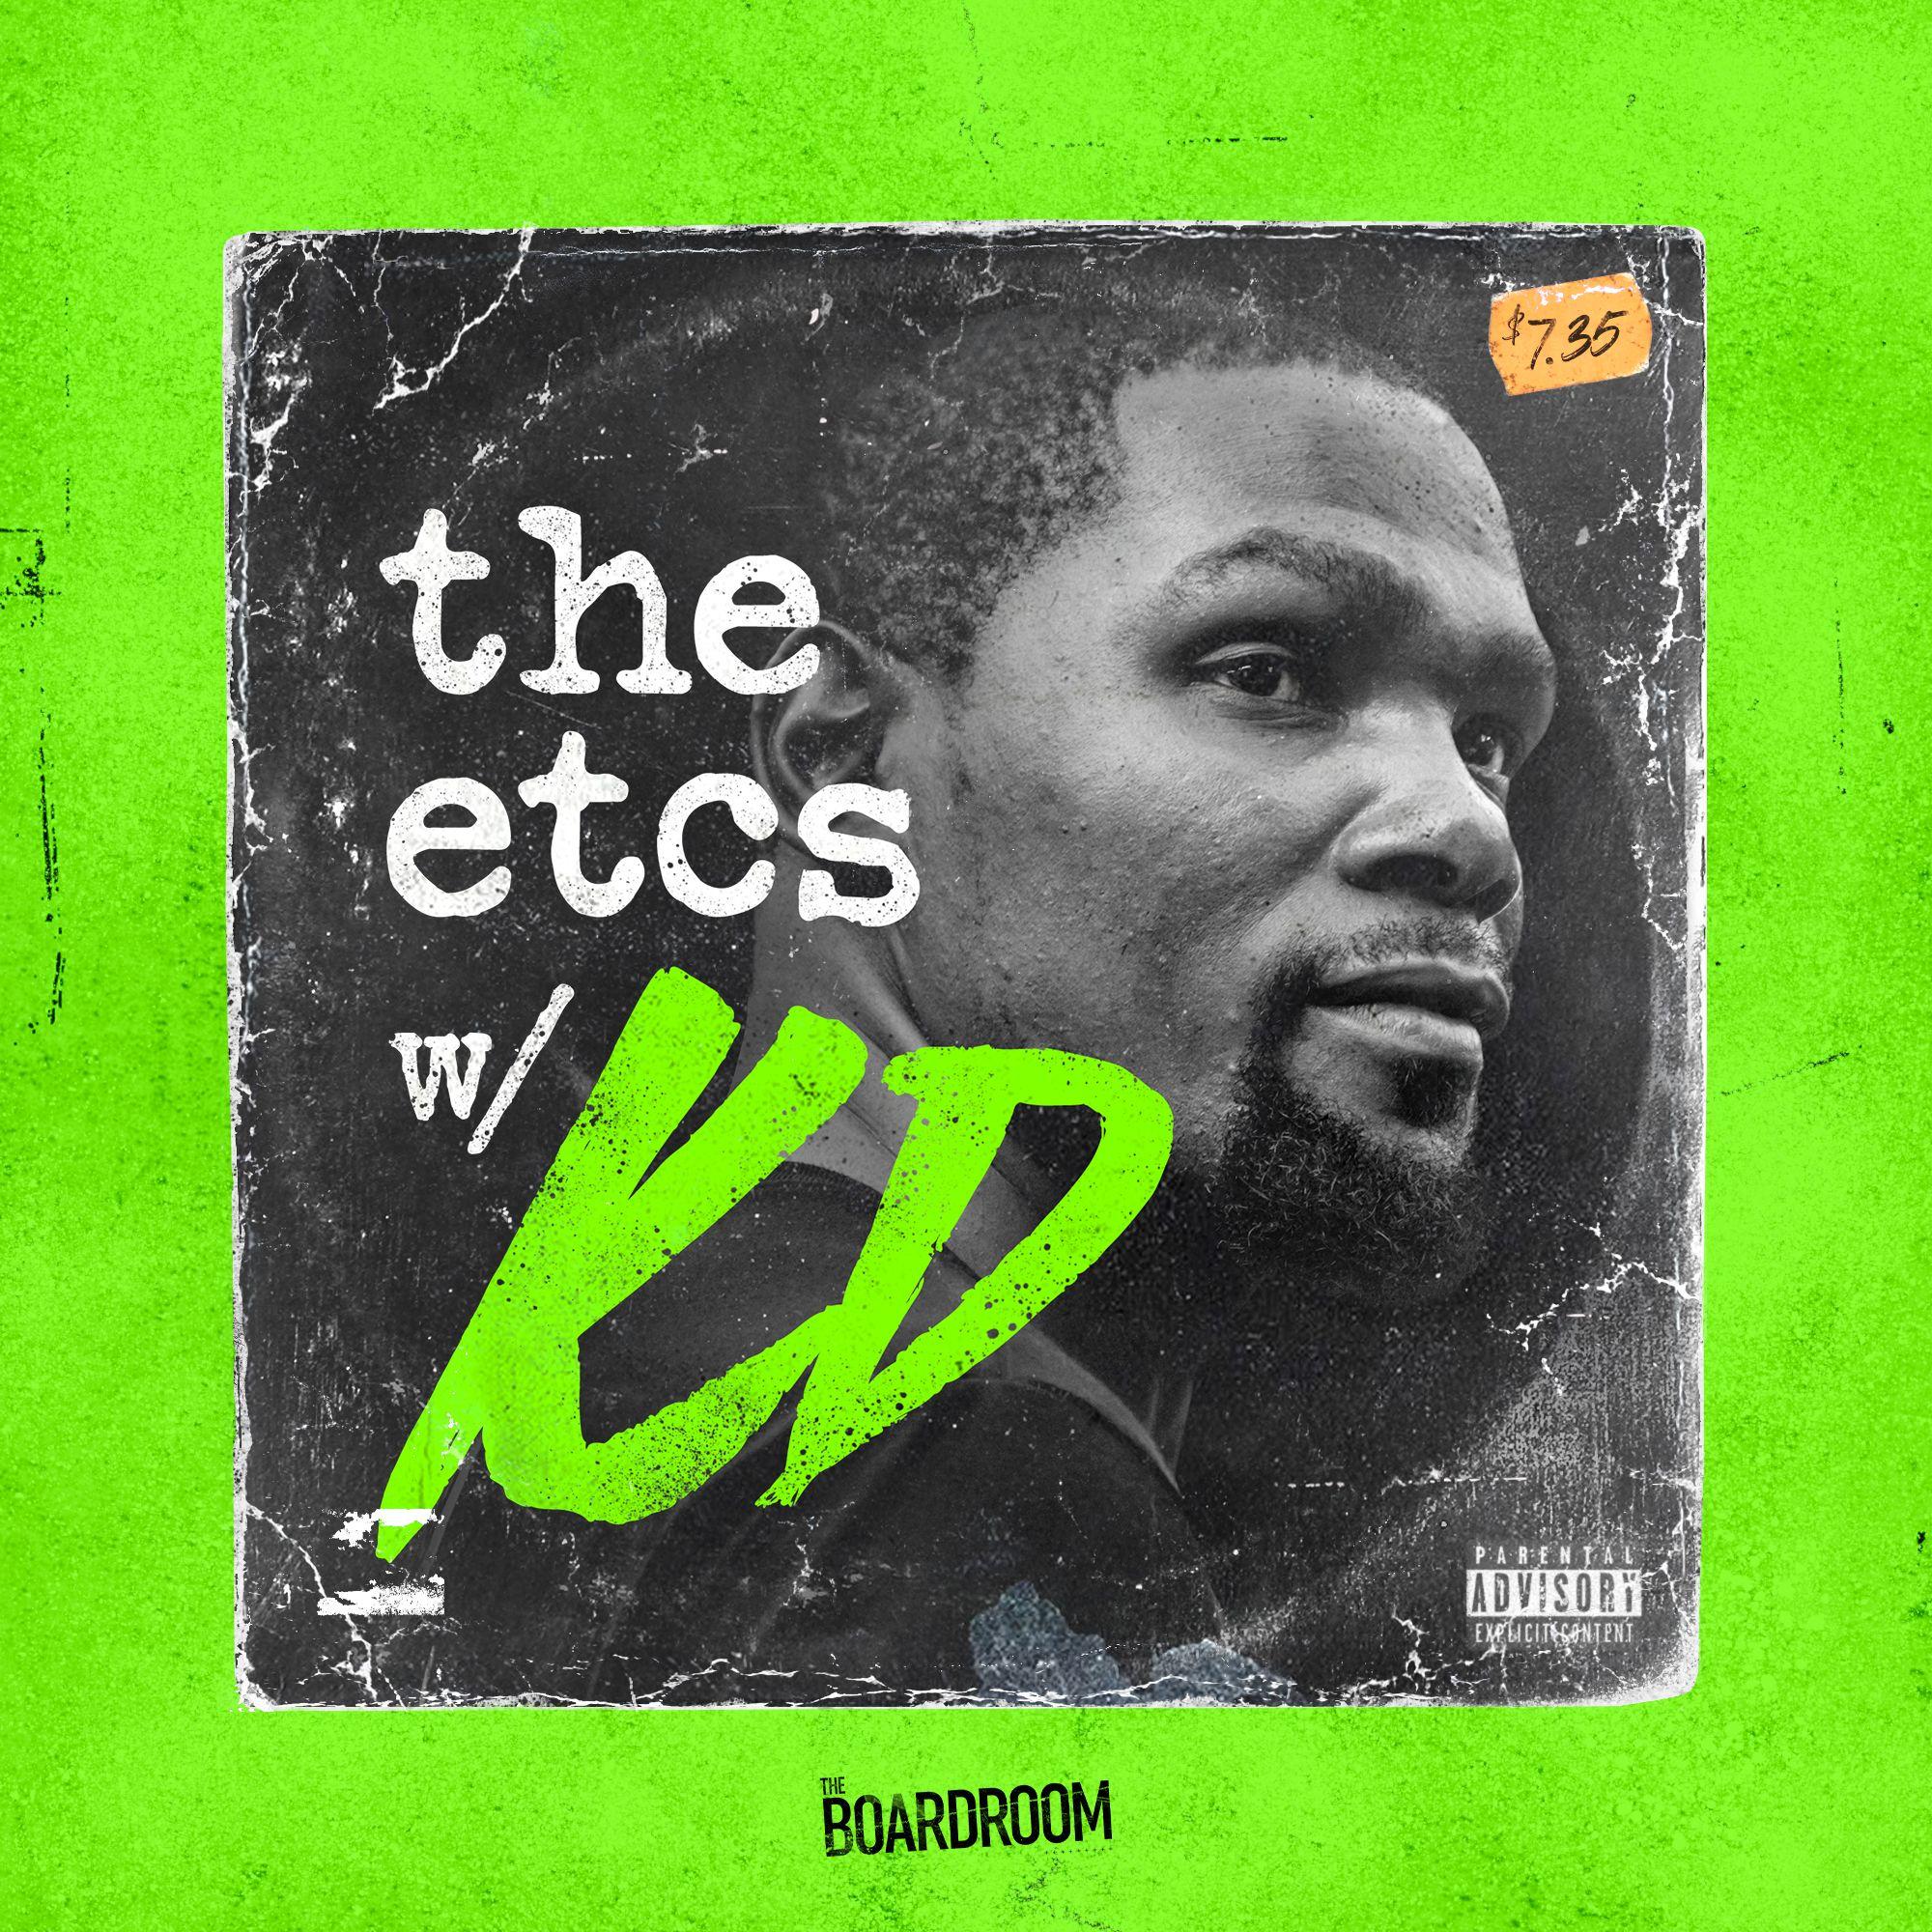 The ETCs